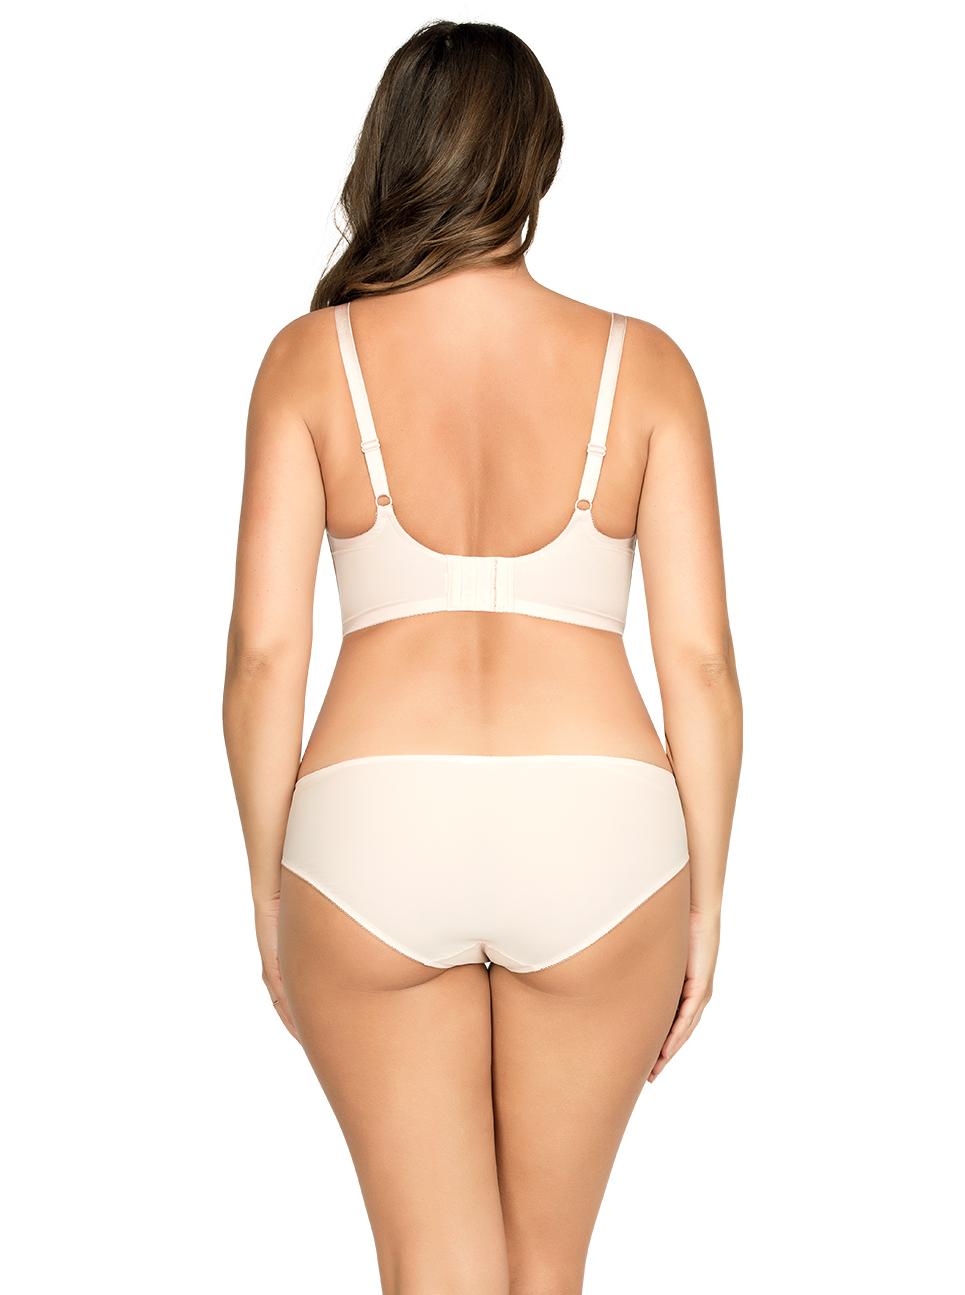 PARFAIT Cora UnlinedLonglineBraP5632 BikiniP5633 Back - Cora Bikini - Pale Blush - P5633